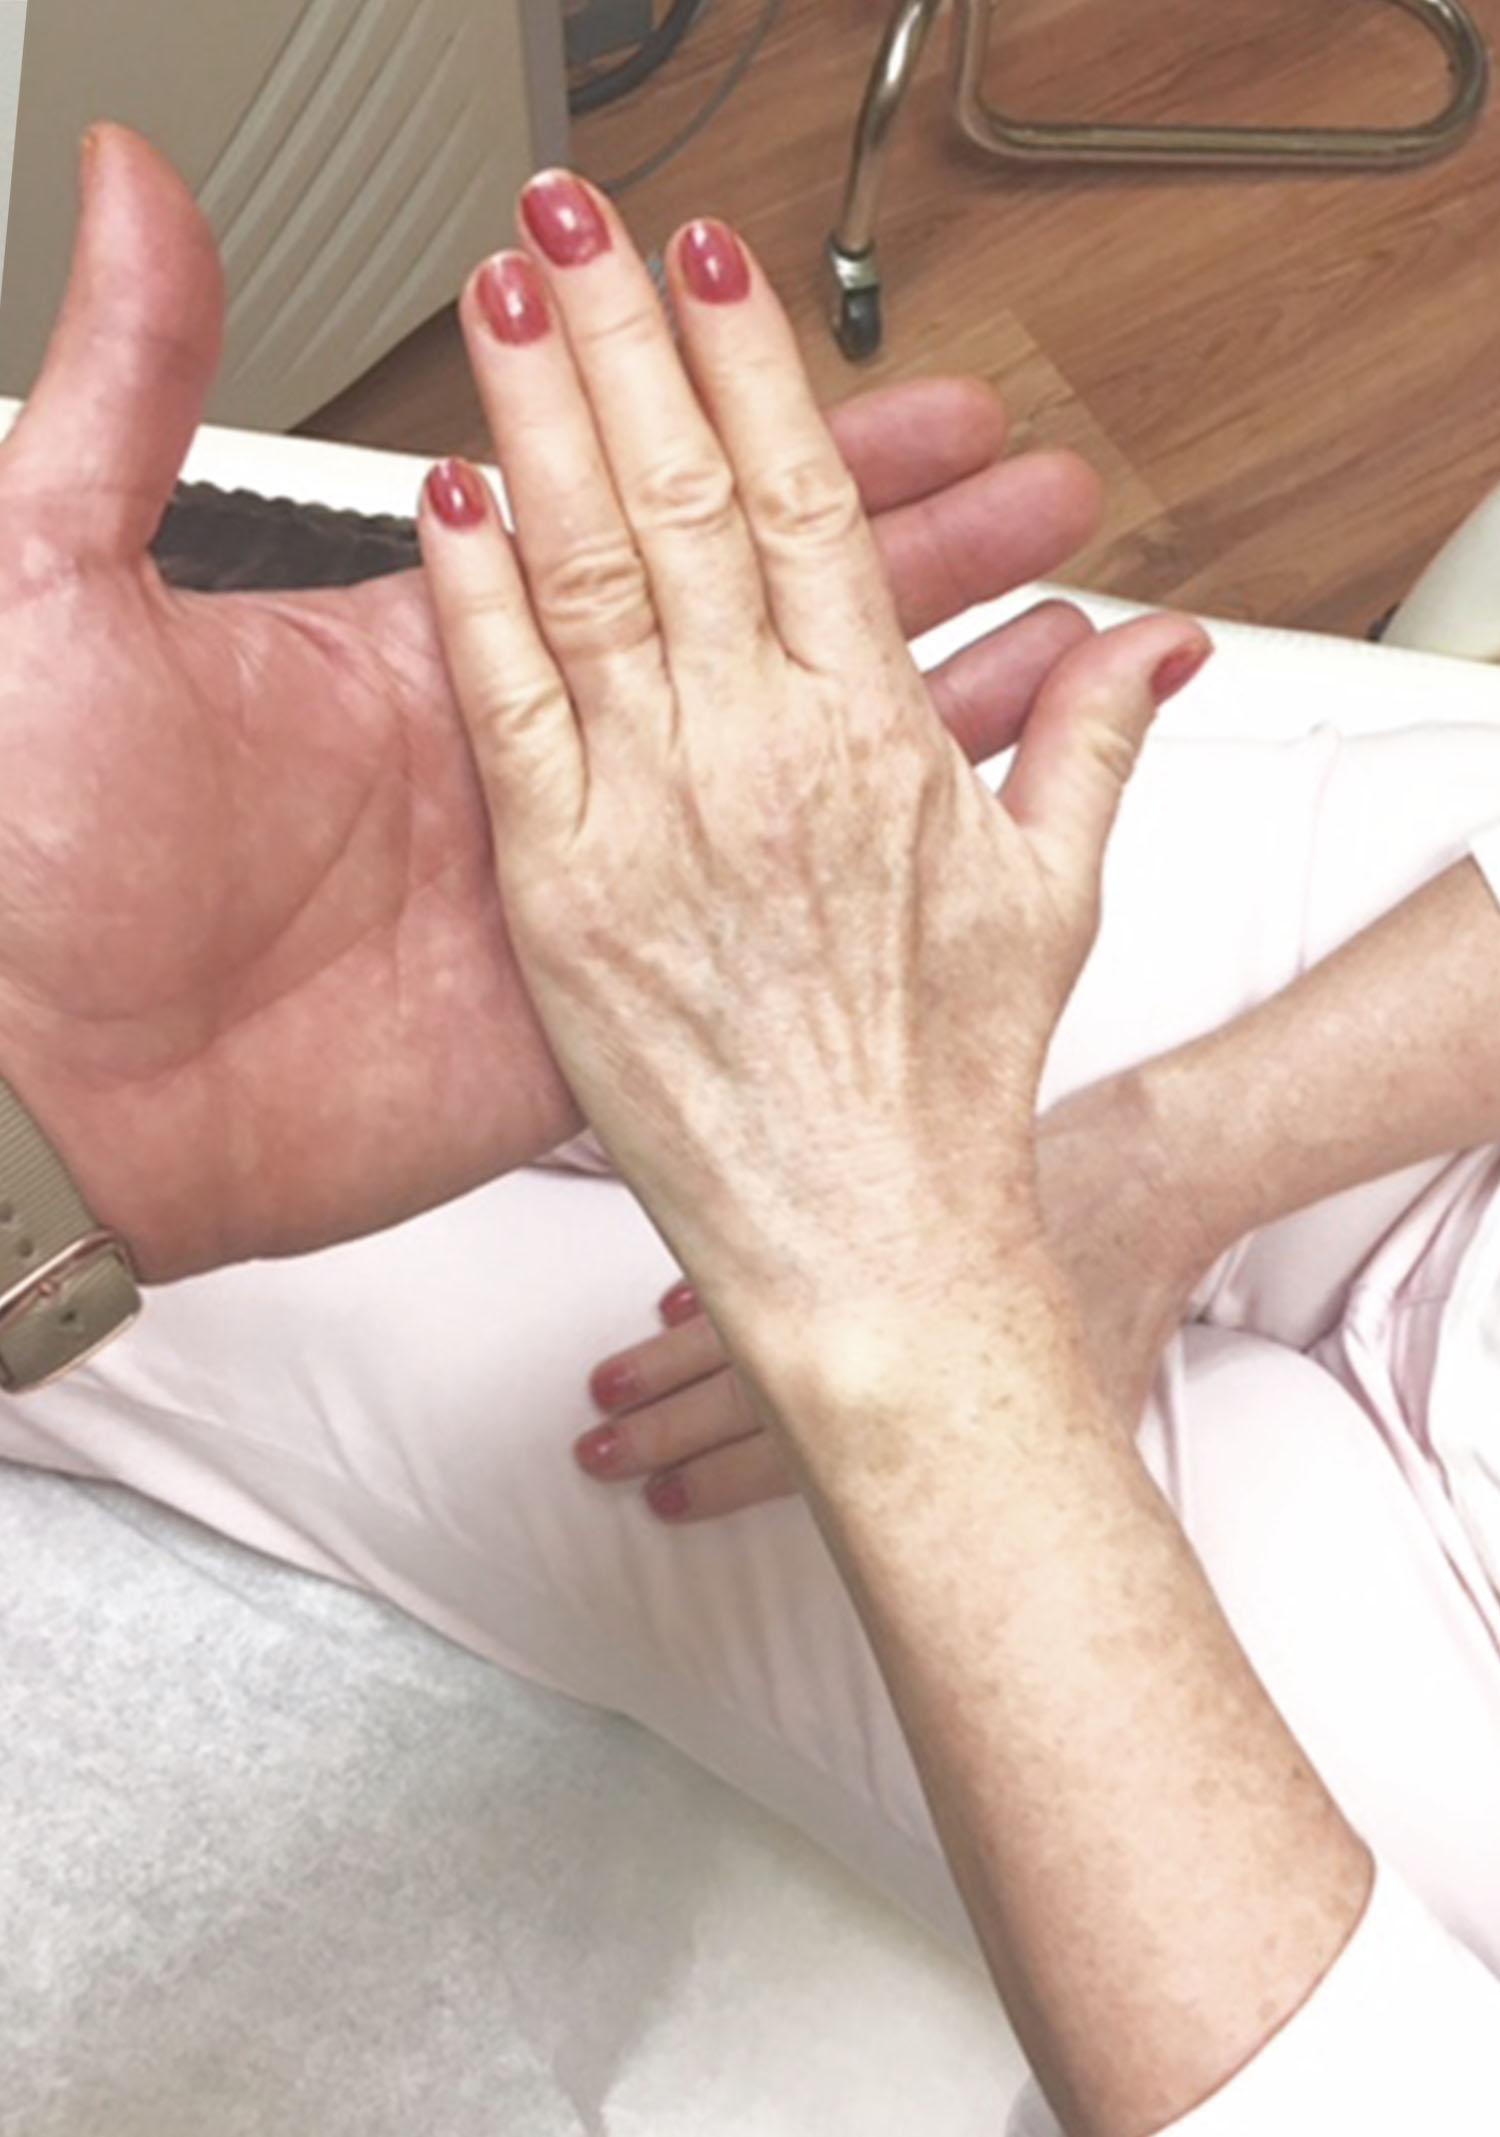 Hand Rejuvenation Vancouver